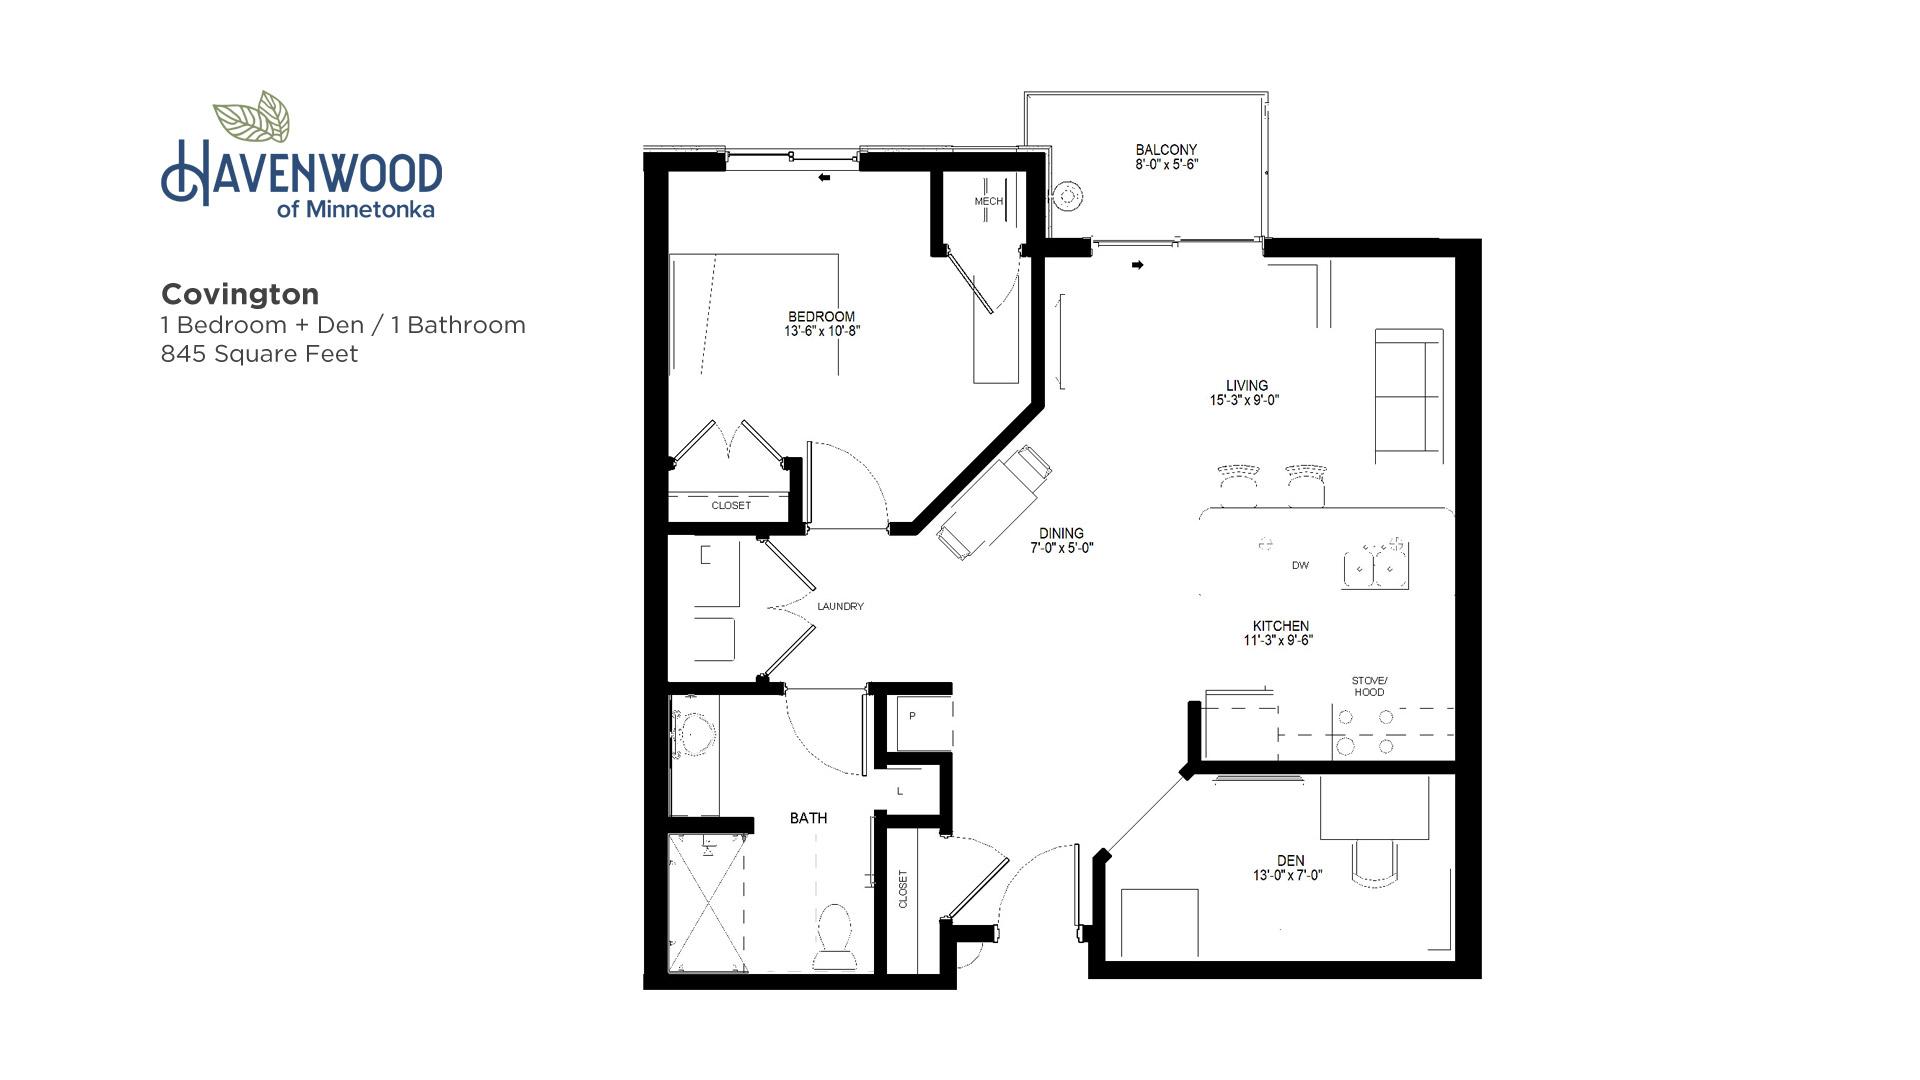 Havenwood of Minnetonka Covington Floor Plan